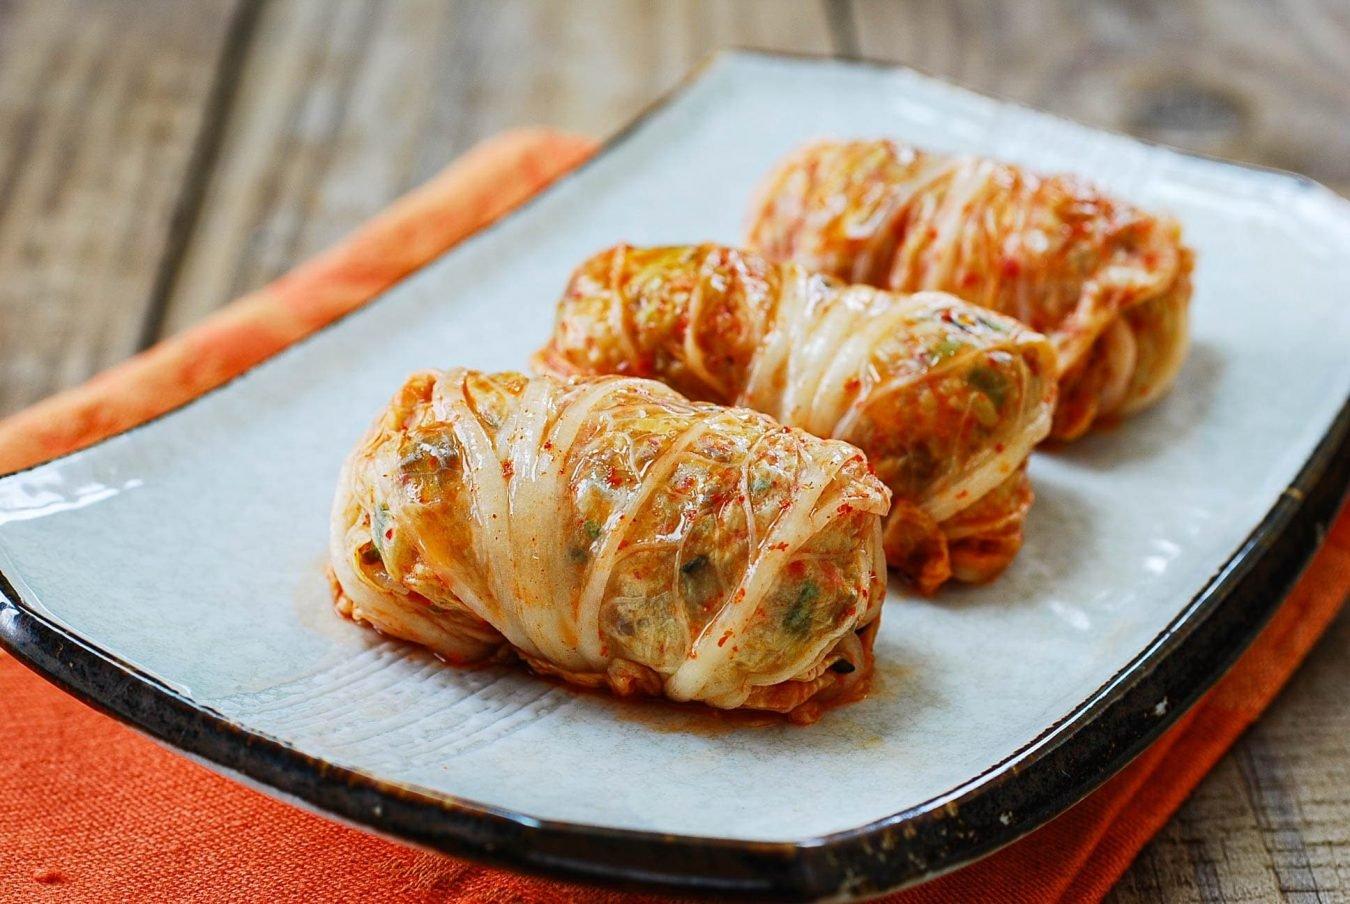 DSC 0016 e1617929651924 - Kimchi Ssambap (Rice Rolls)